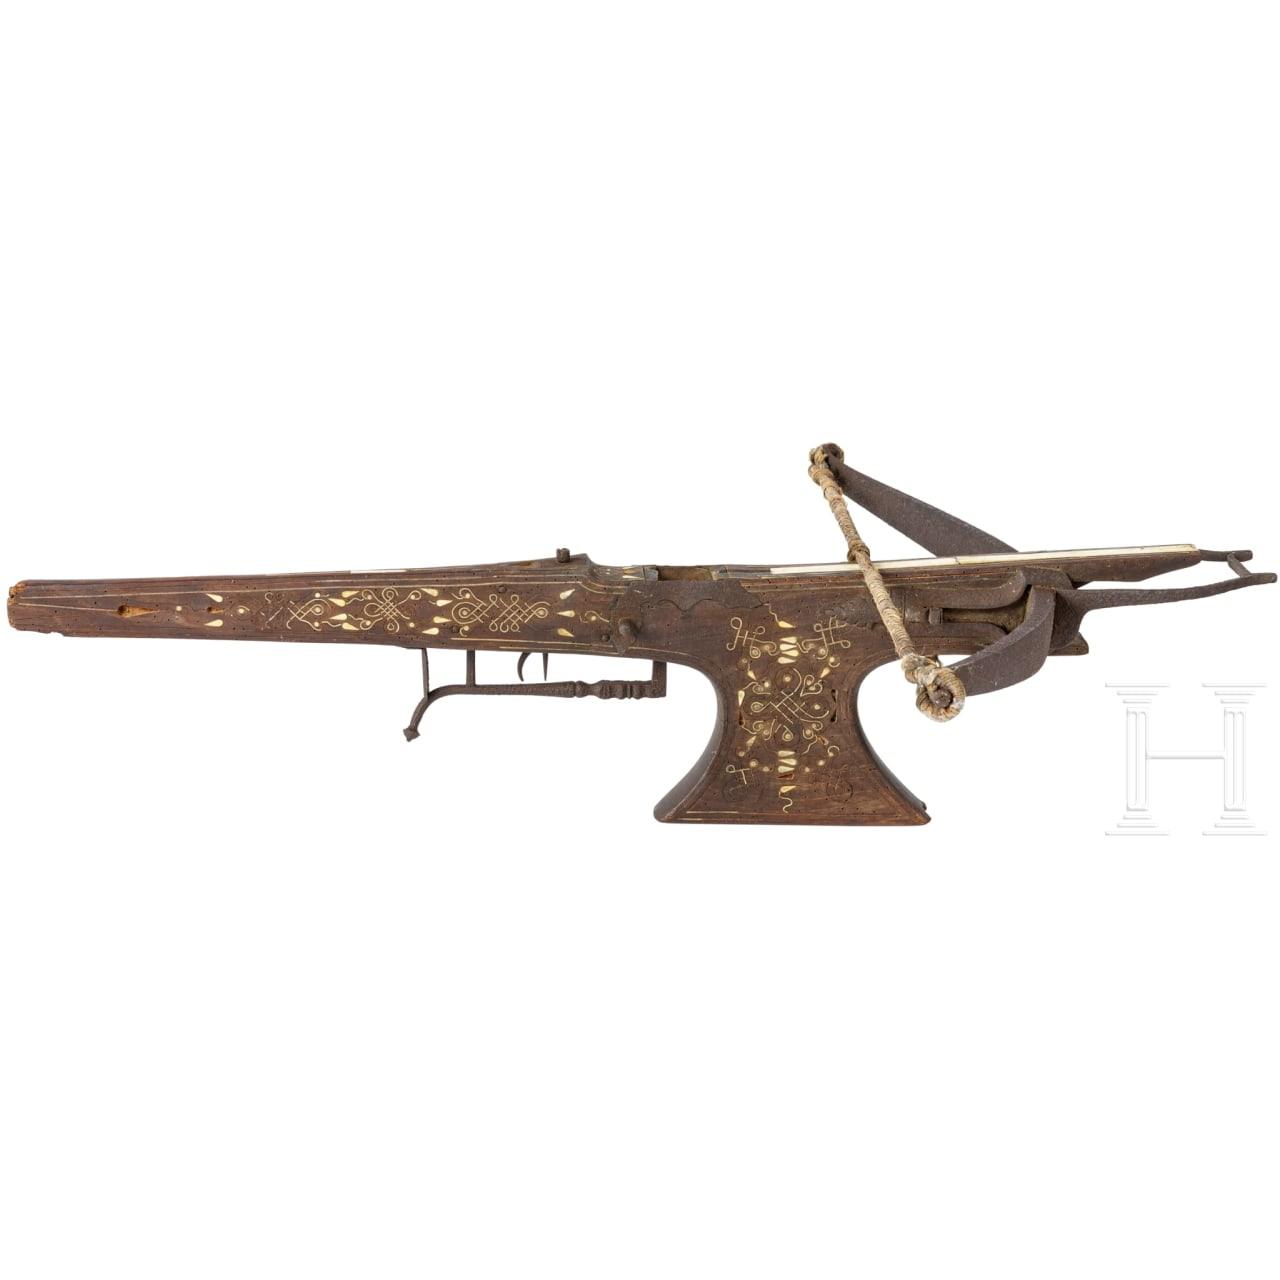 Beineingelegte Scheibenarmbrust, flämisch, um 1700